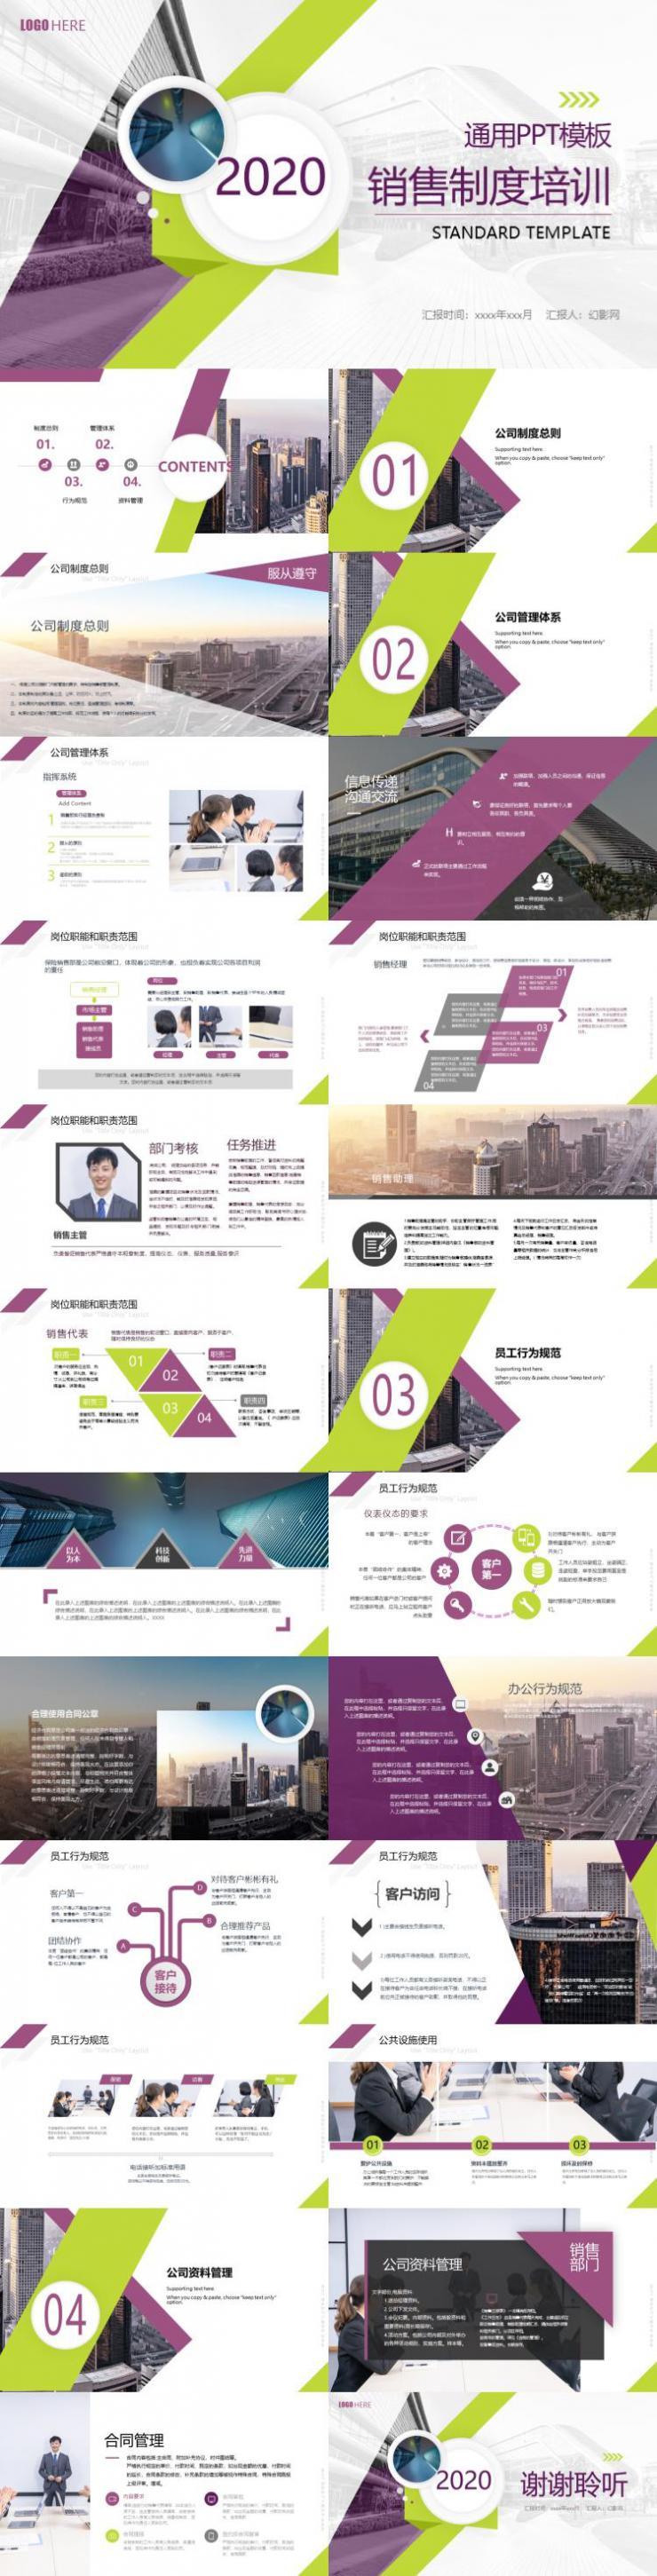 紫绿内容型保险销售制度培训PPT模板